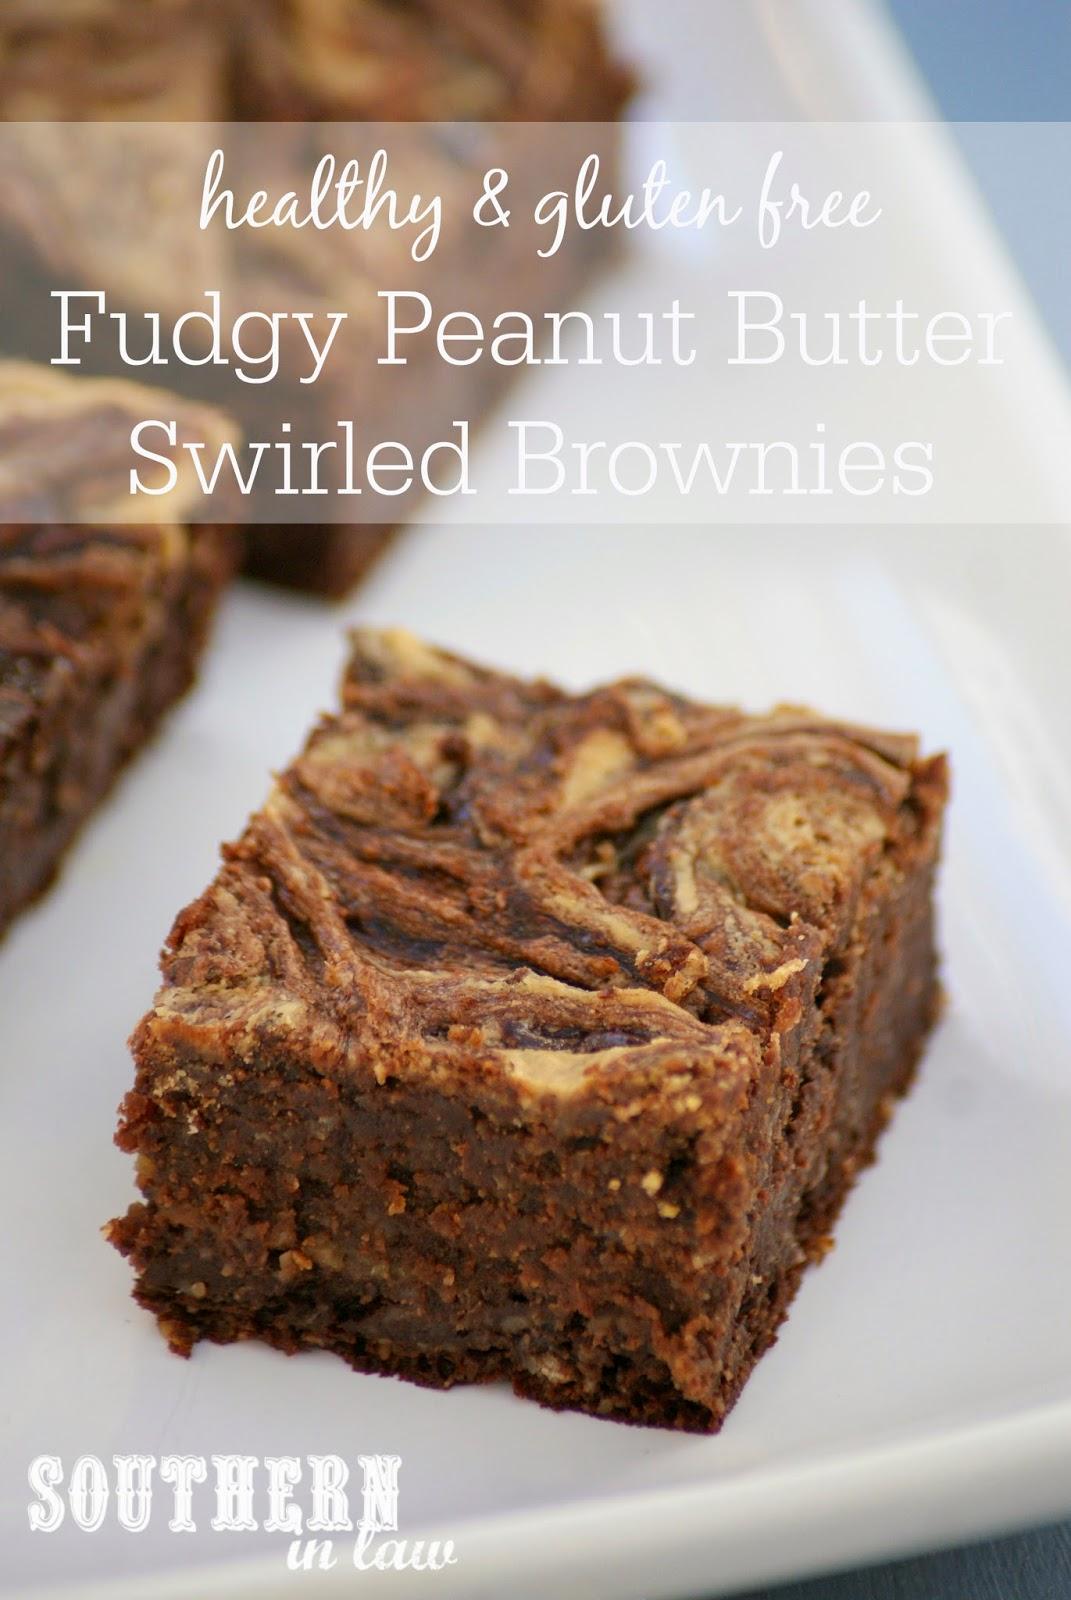 Low Fat Fudgy Peanut Butter Swirled Brownies - low fat, gluten free, healthy, freezer friendly